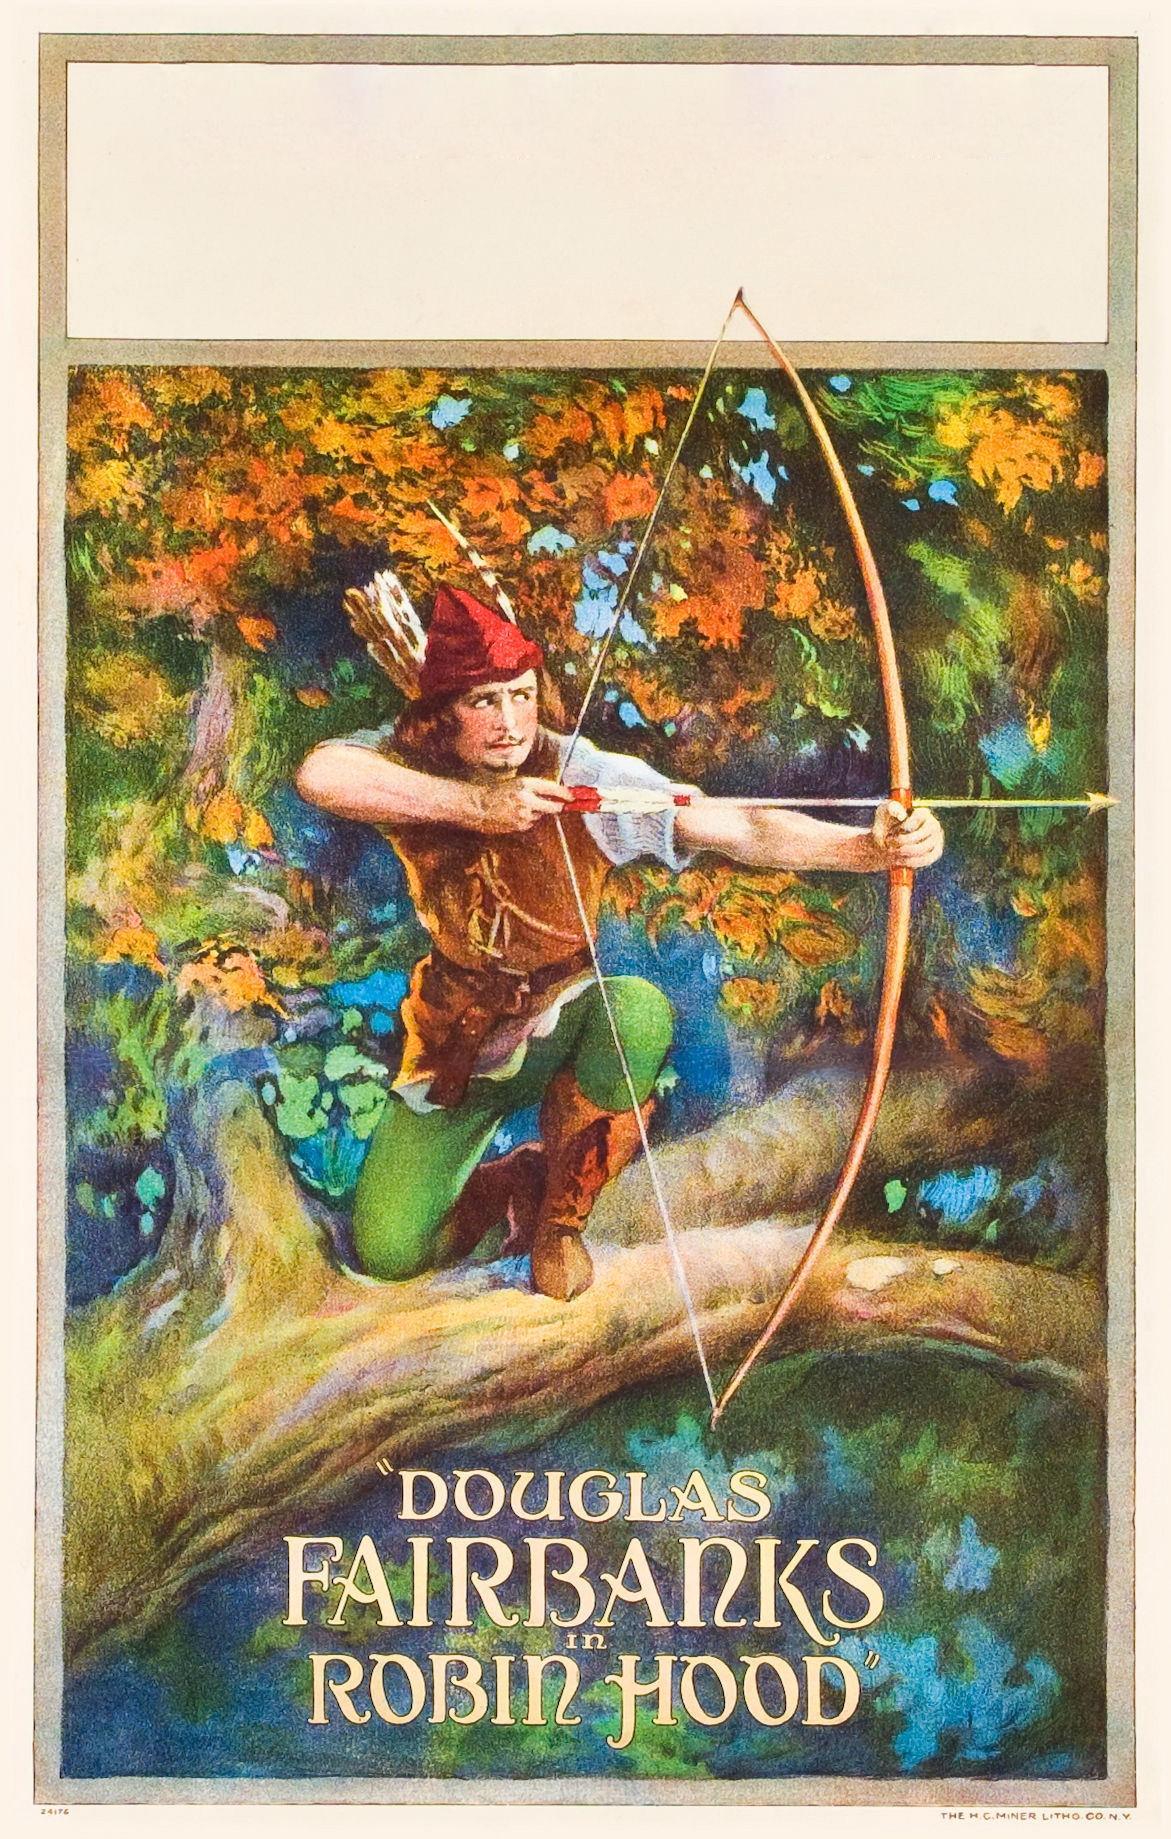 Fichier:Douglas Fairbanks Robin Hood 1922 film poster.jpg